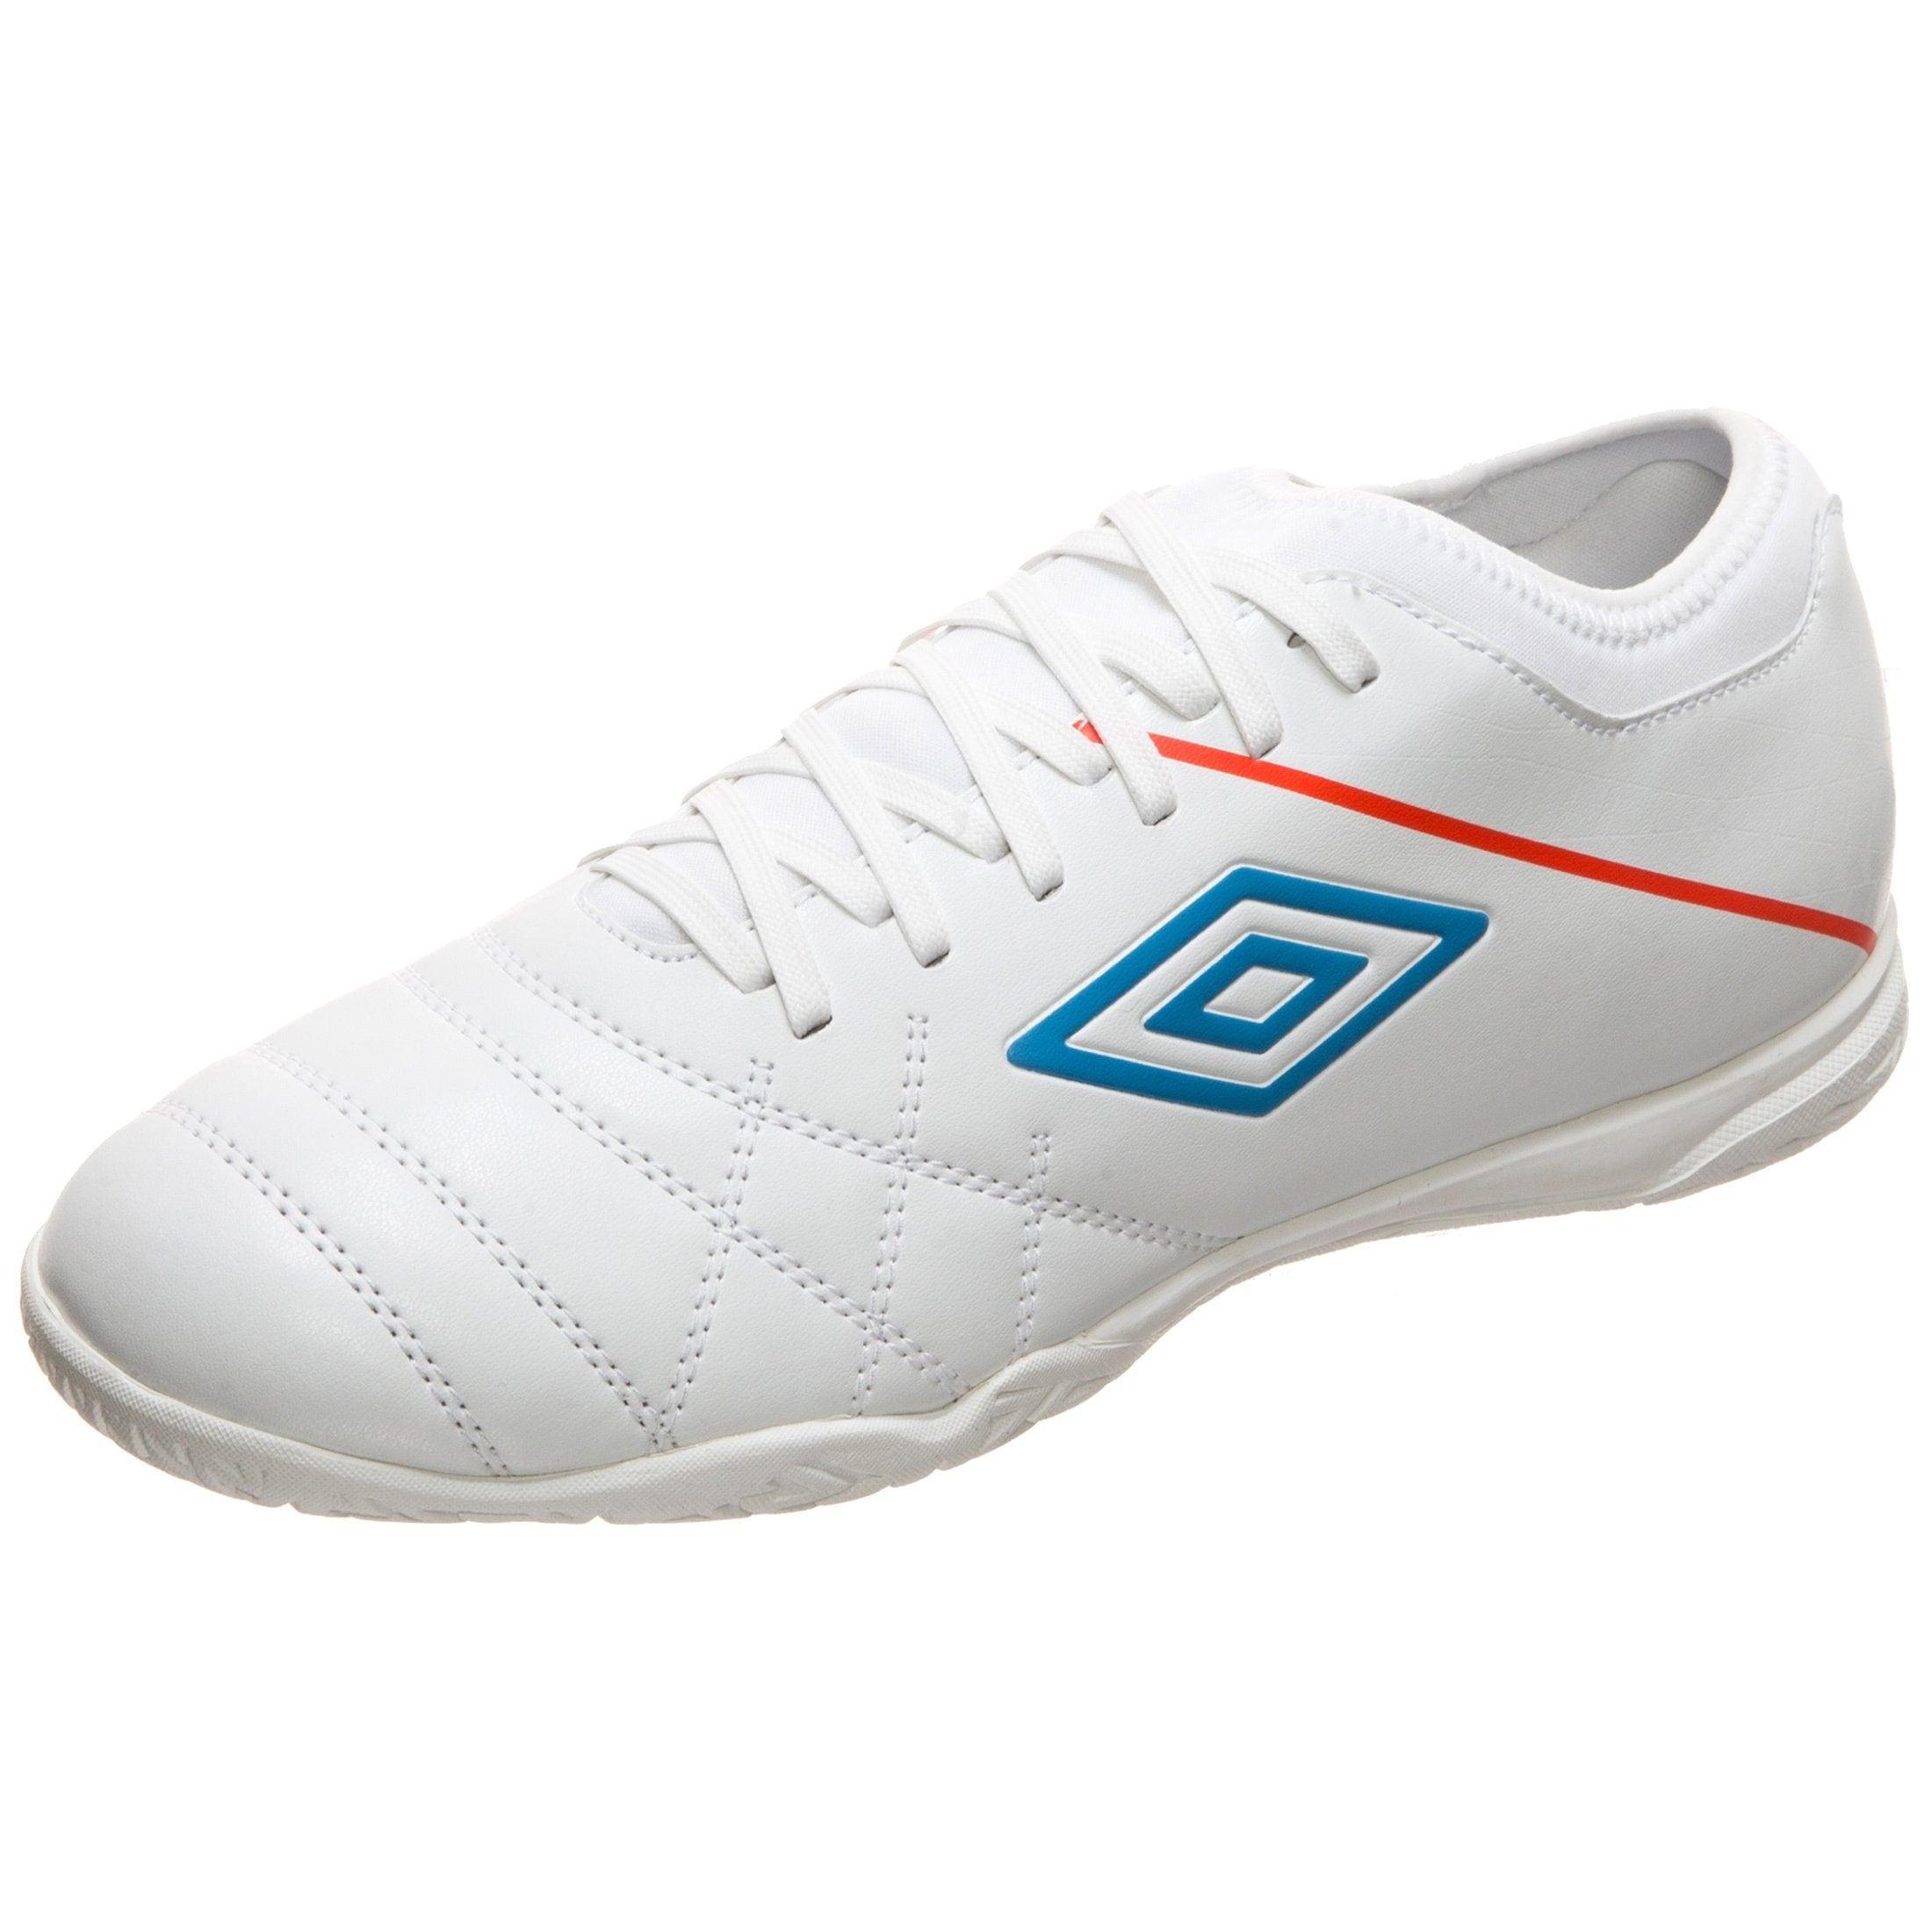 Umbro Fußballschuh Medusae Iii Club | Schuhe > Sportschuhe > Fußballschuhe | Umbro